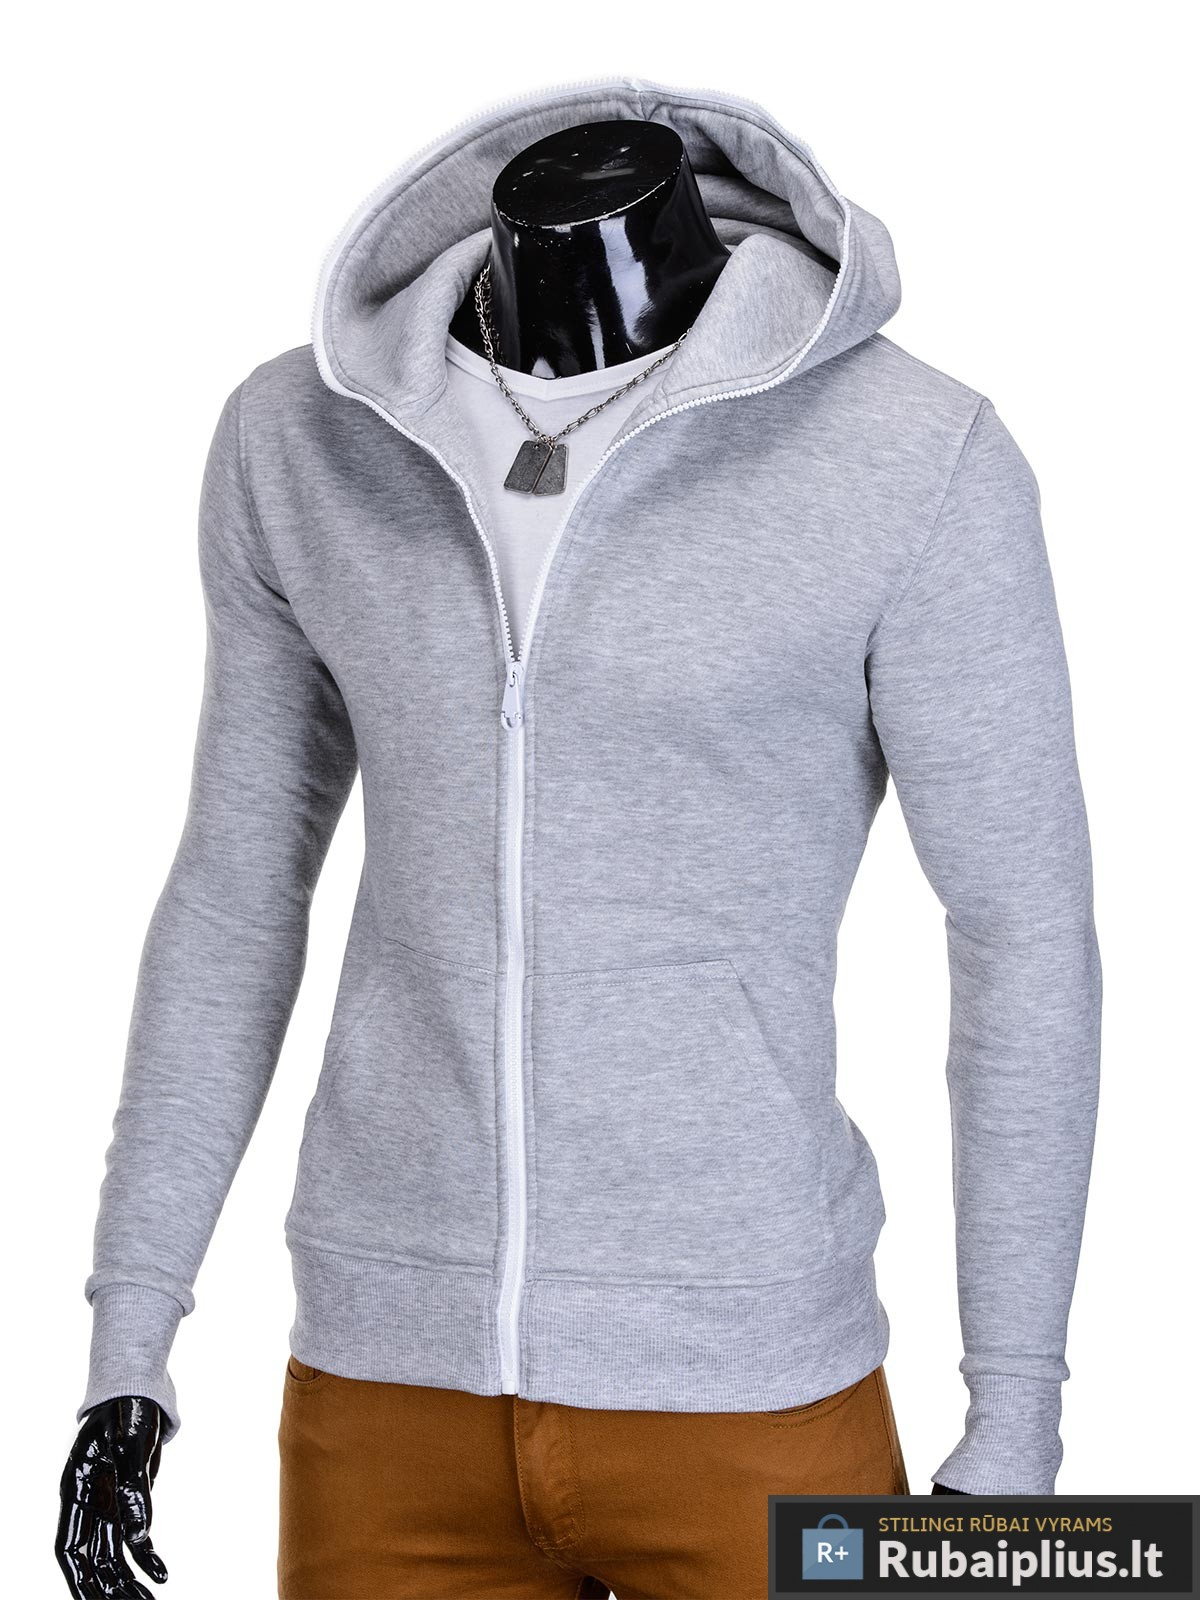 Pilkos spalvos džemperis vyrams internetu pigiau